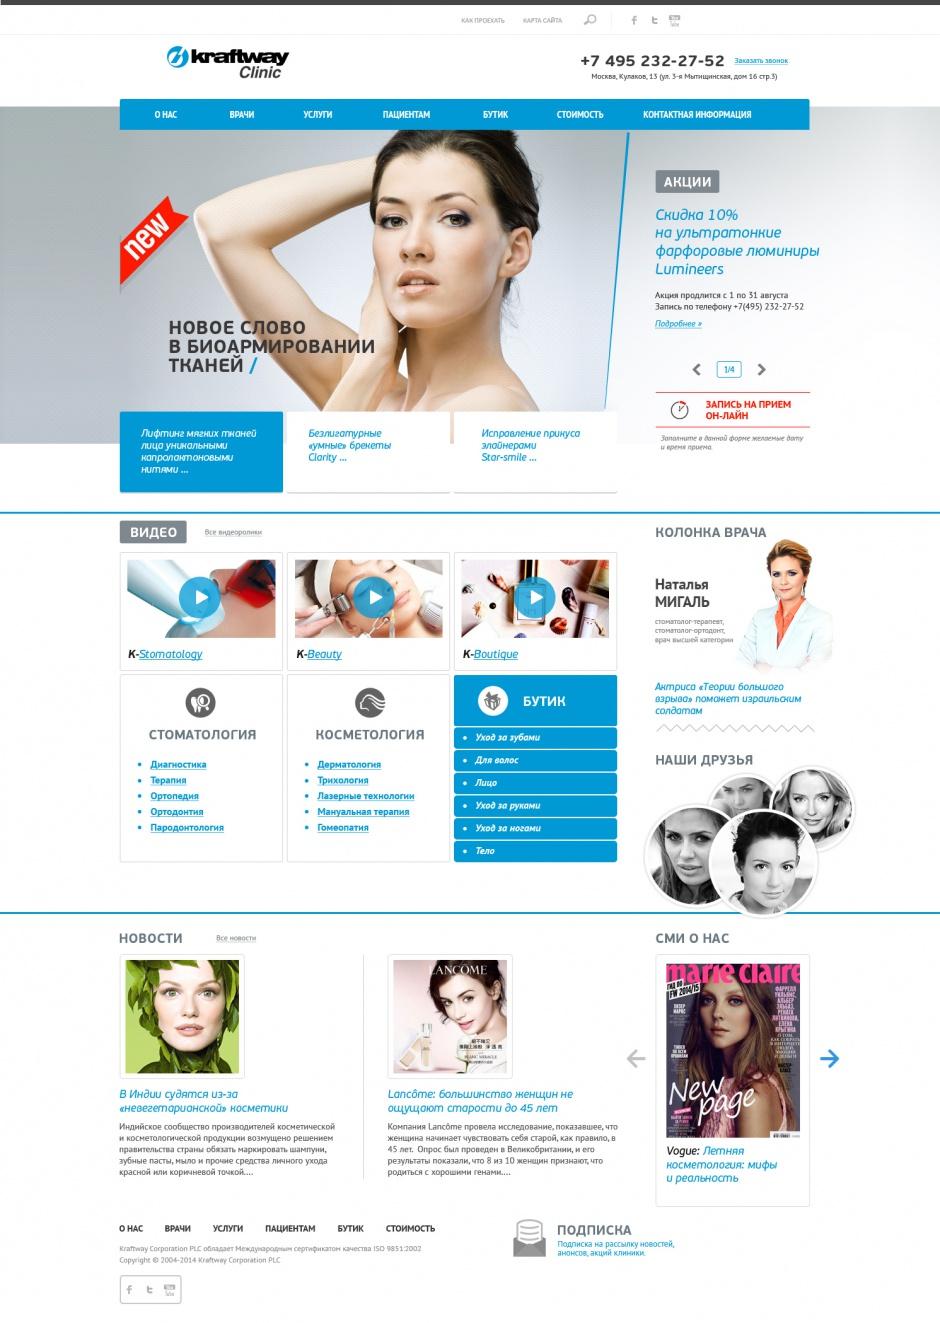 дизайн сайта Kraftway Clinic - главная страница